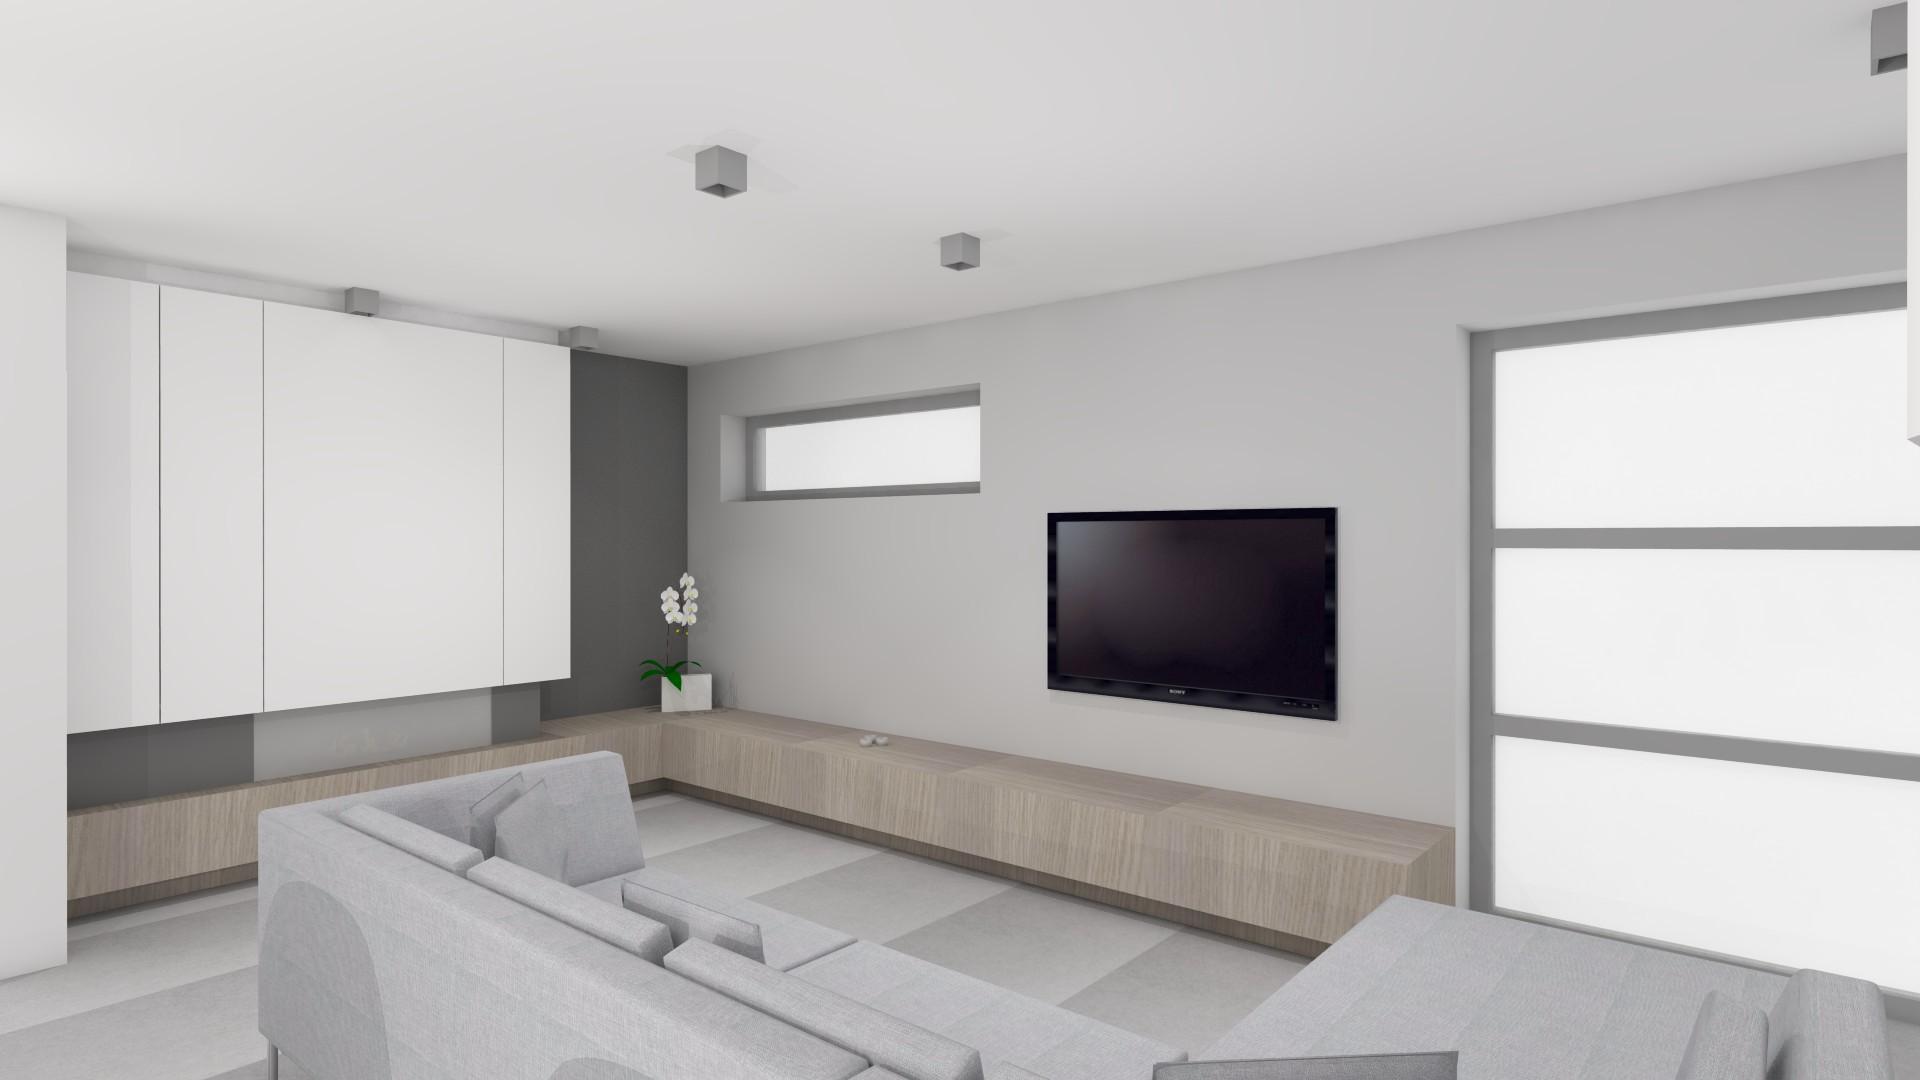 interieurarchitectuur nieuwbouw woonkamer met gashaard